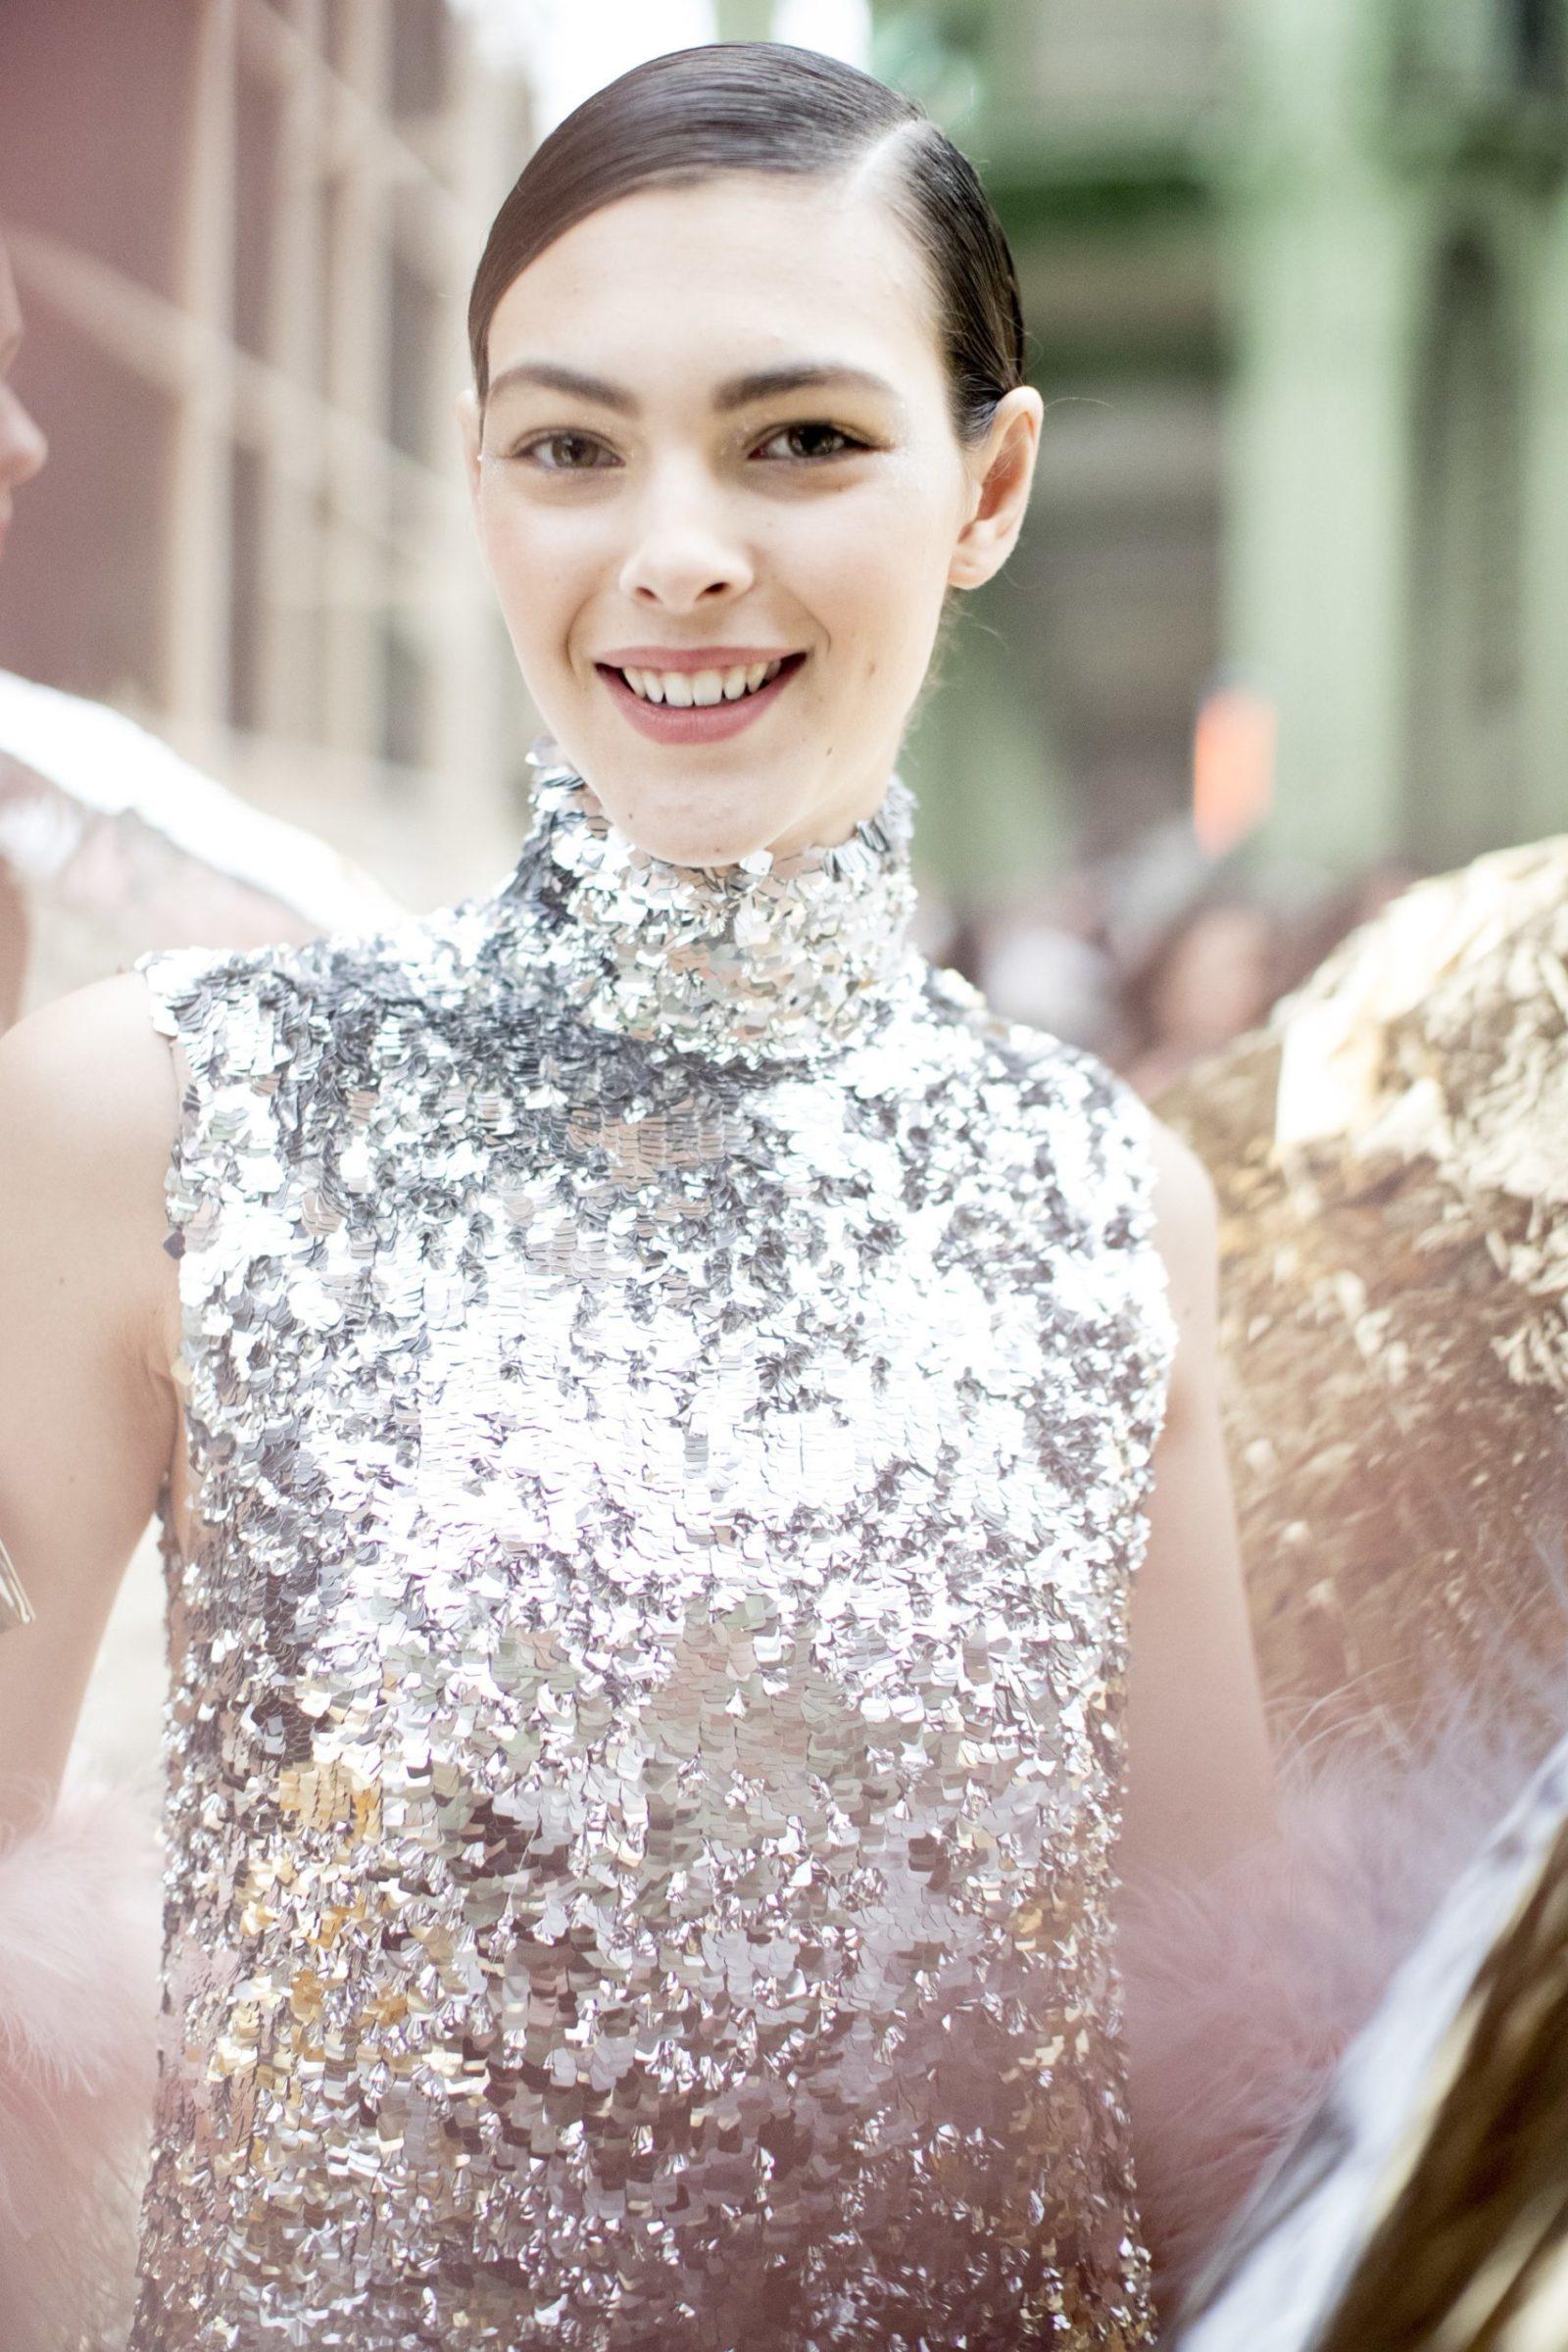 Glitter também no canto interno & cabelo coladinho com gel na Chanel